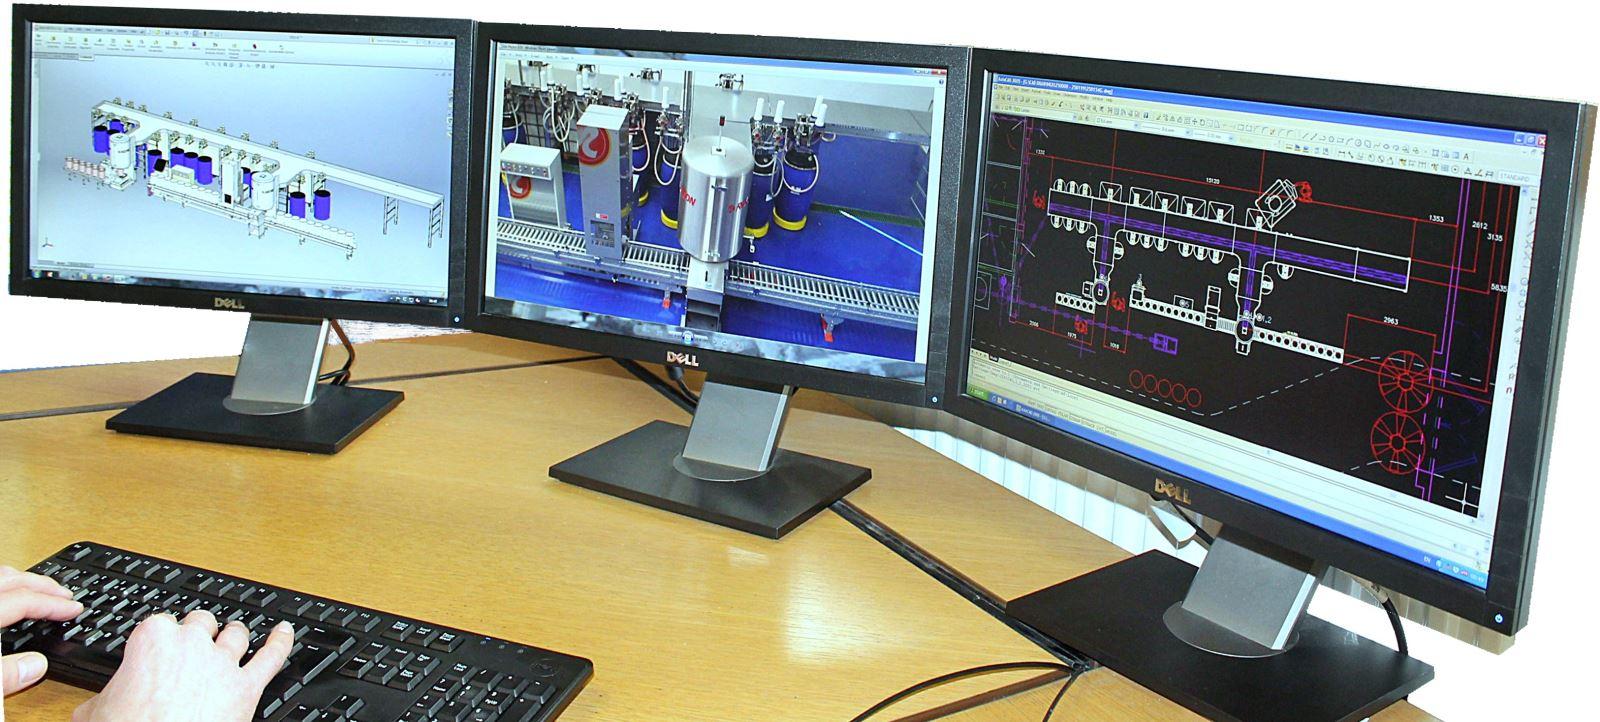 Ink dispensing system design